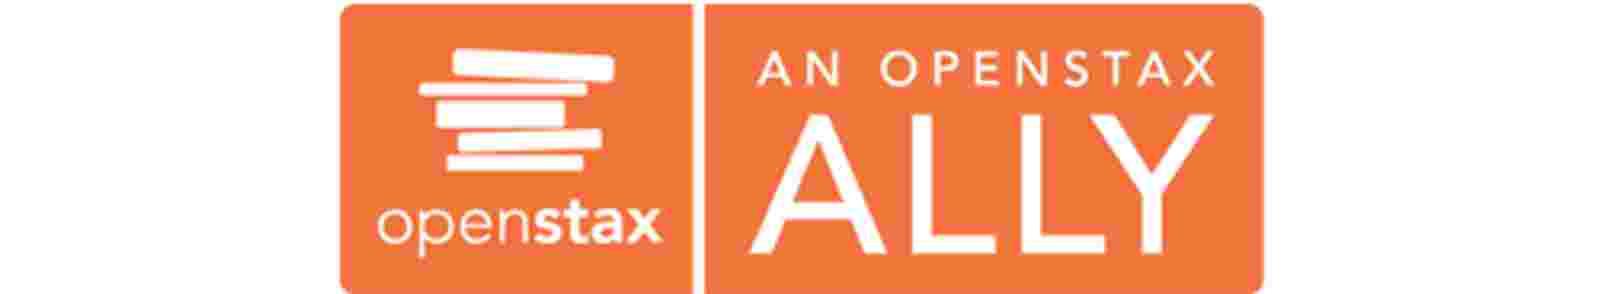 openstax logo